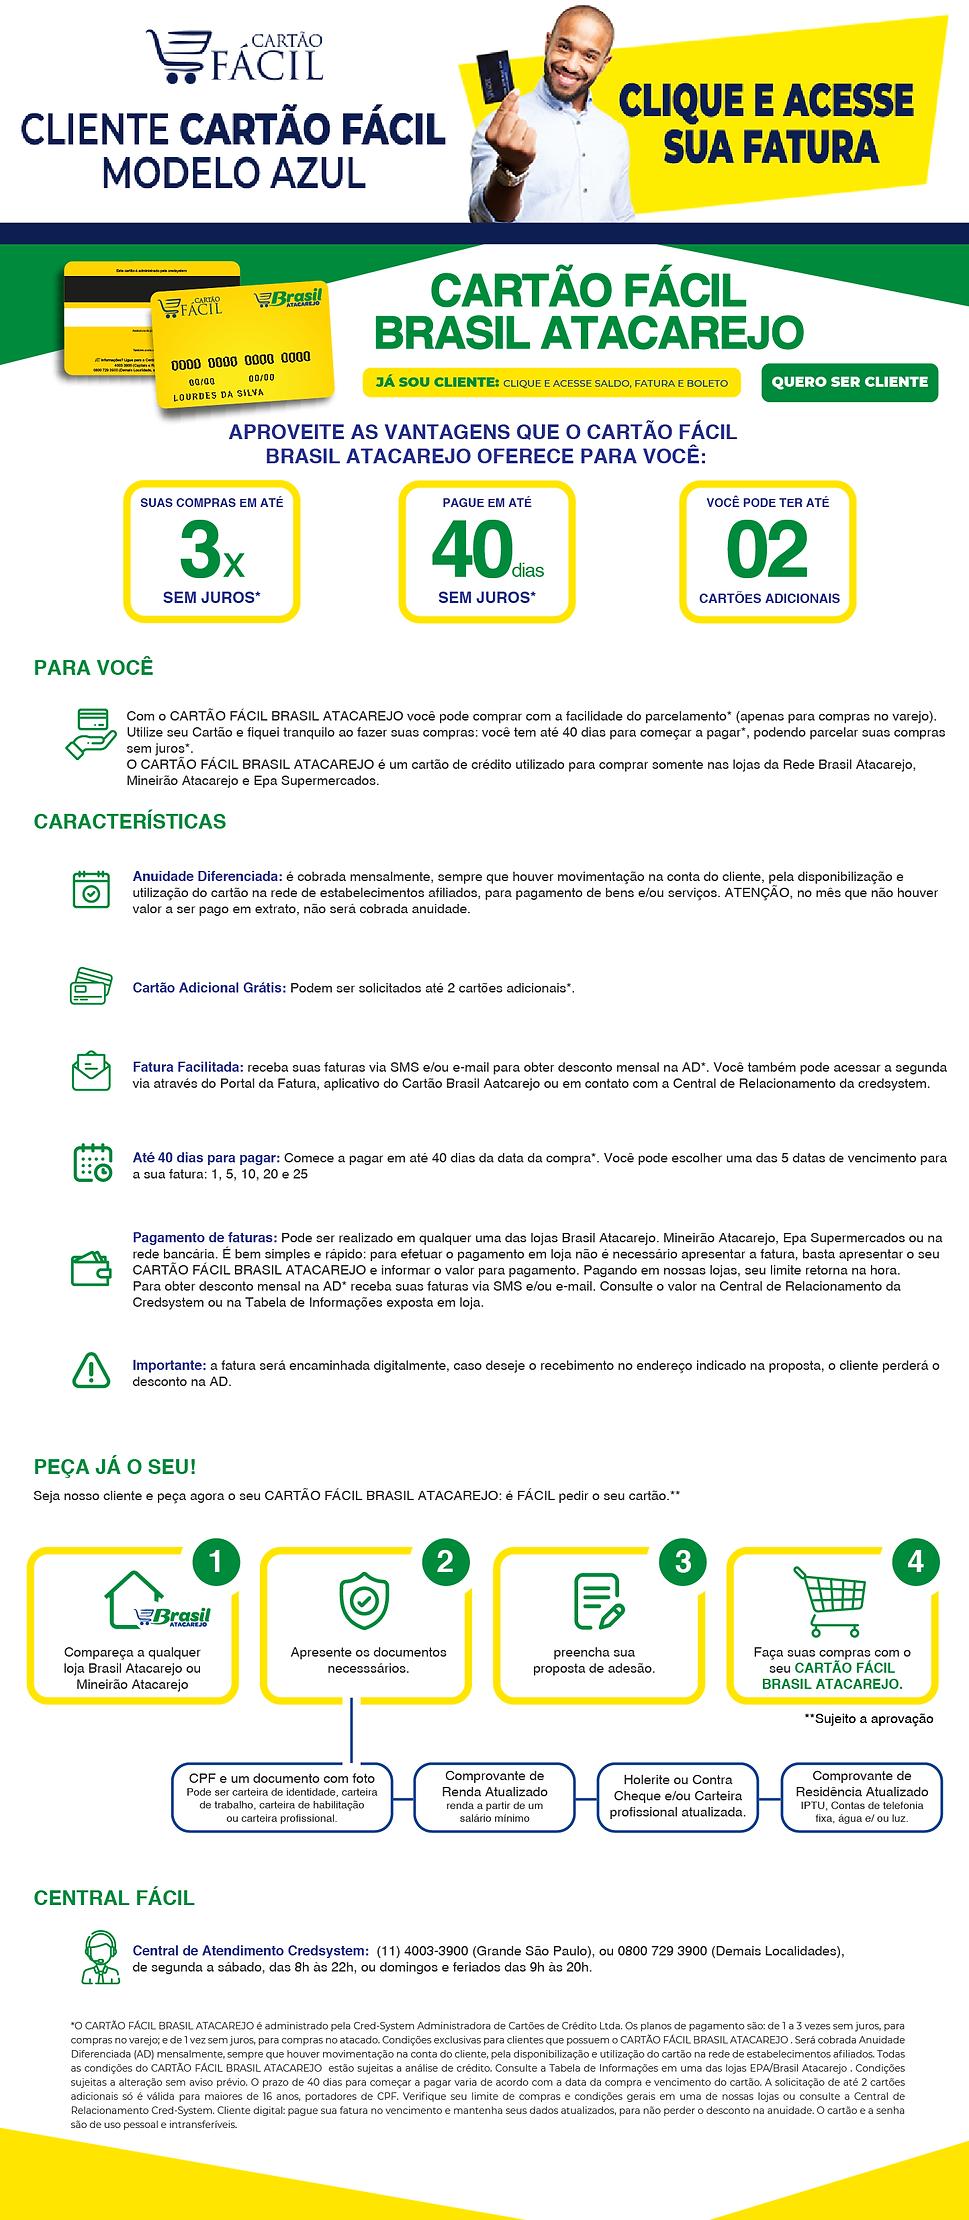 cartao_facil_brasil_atacarejo.png